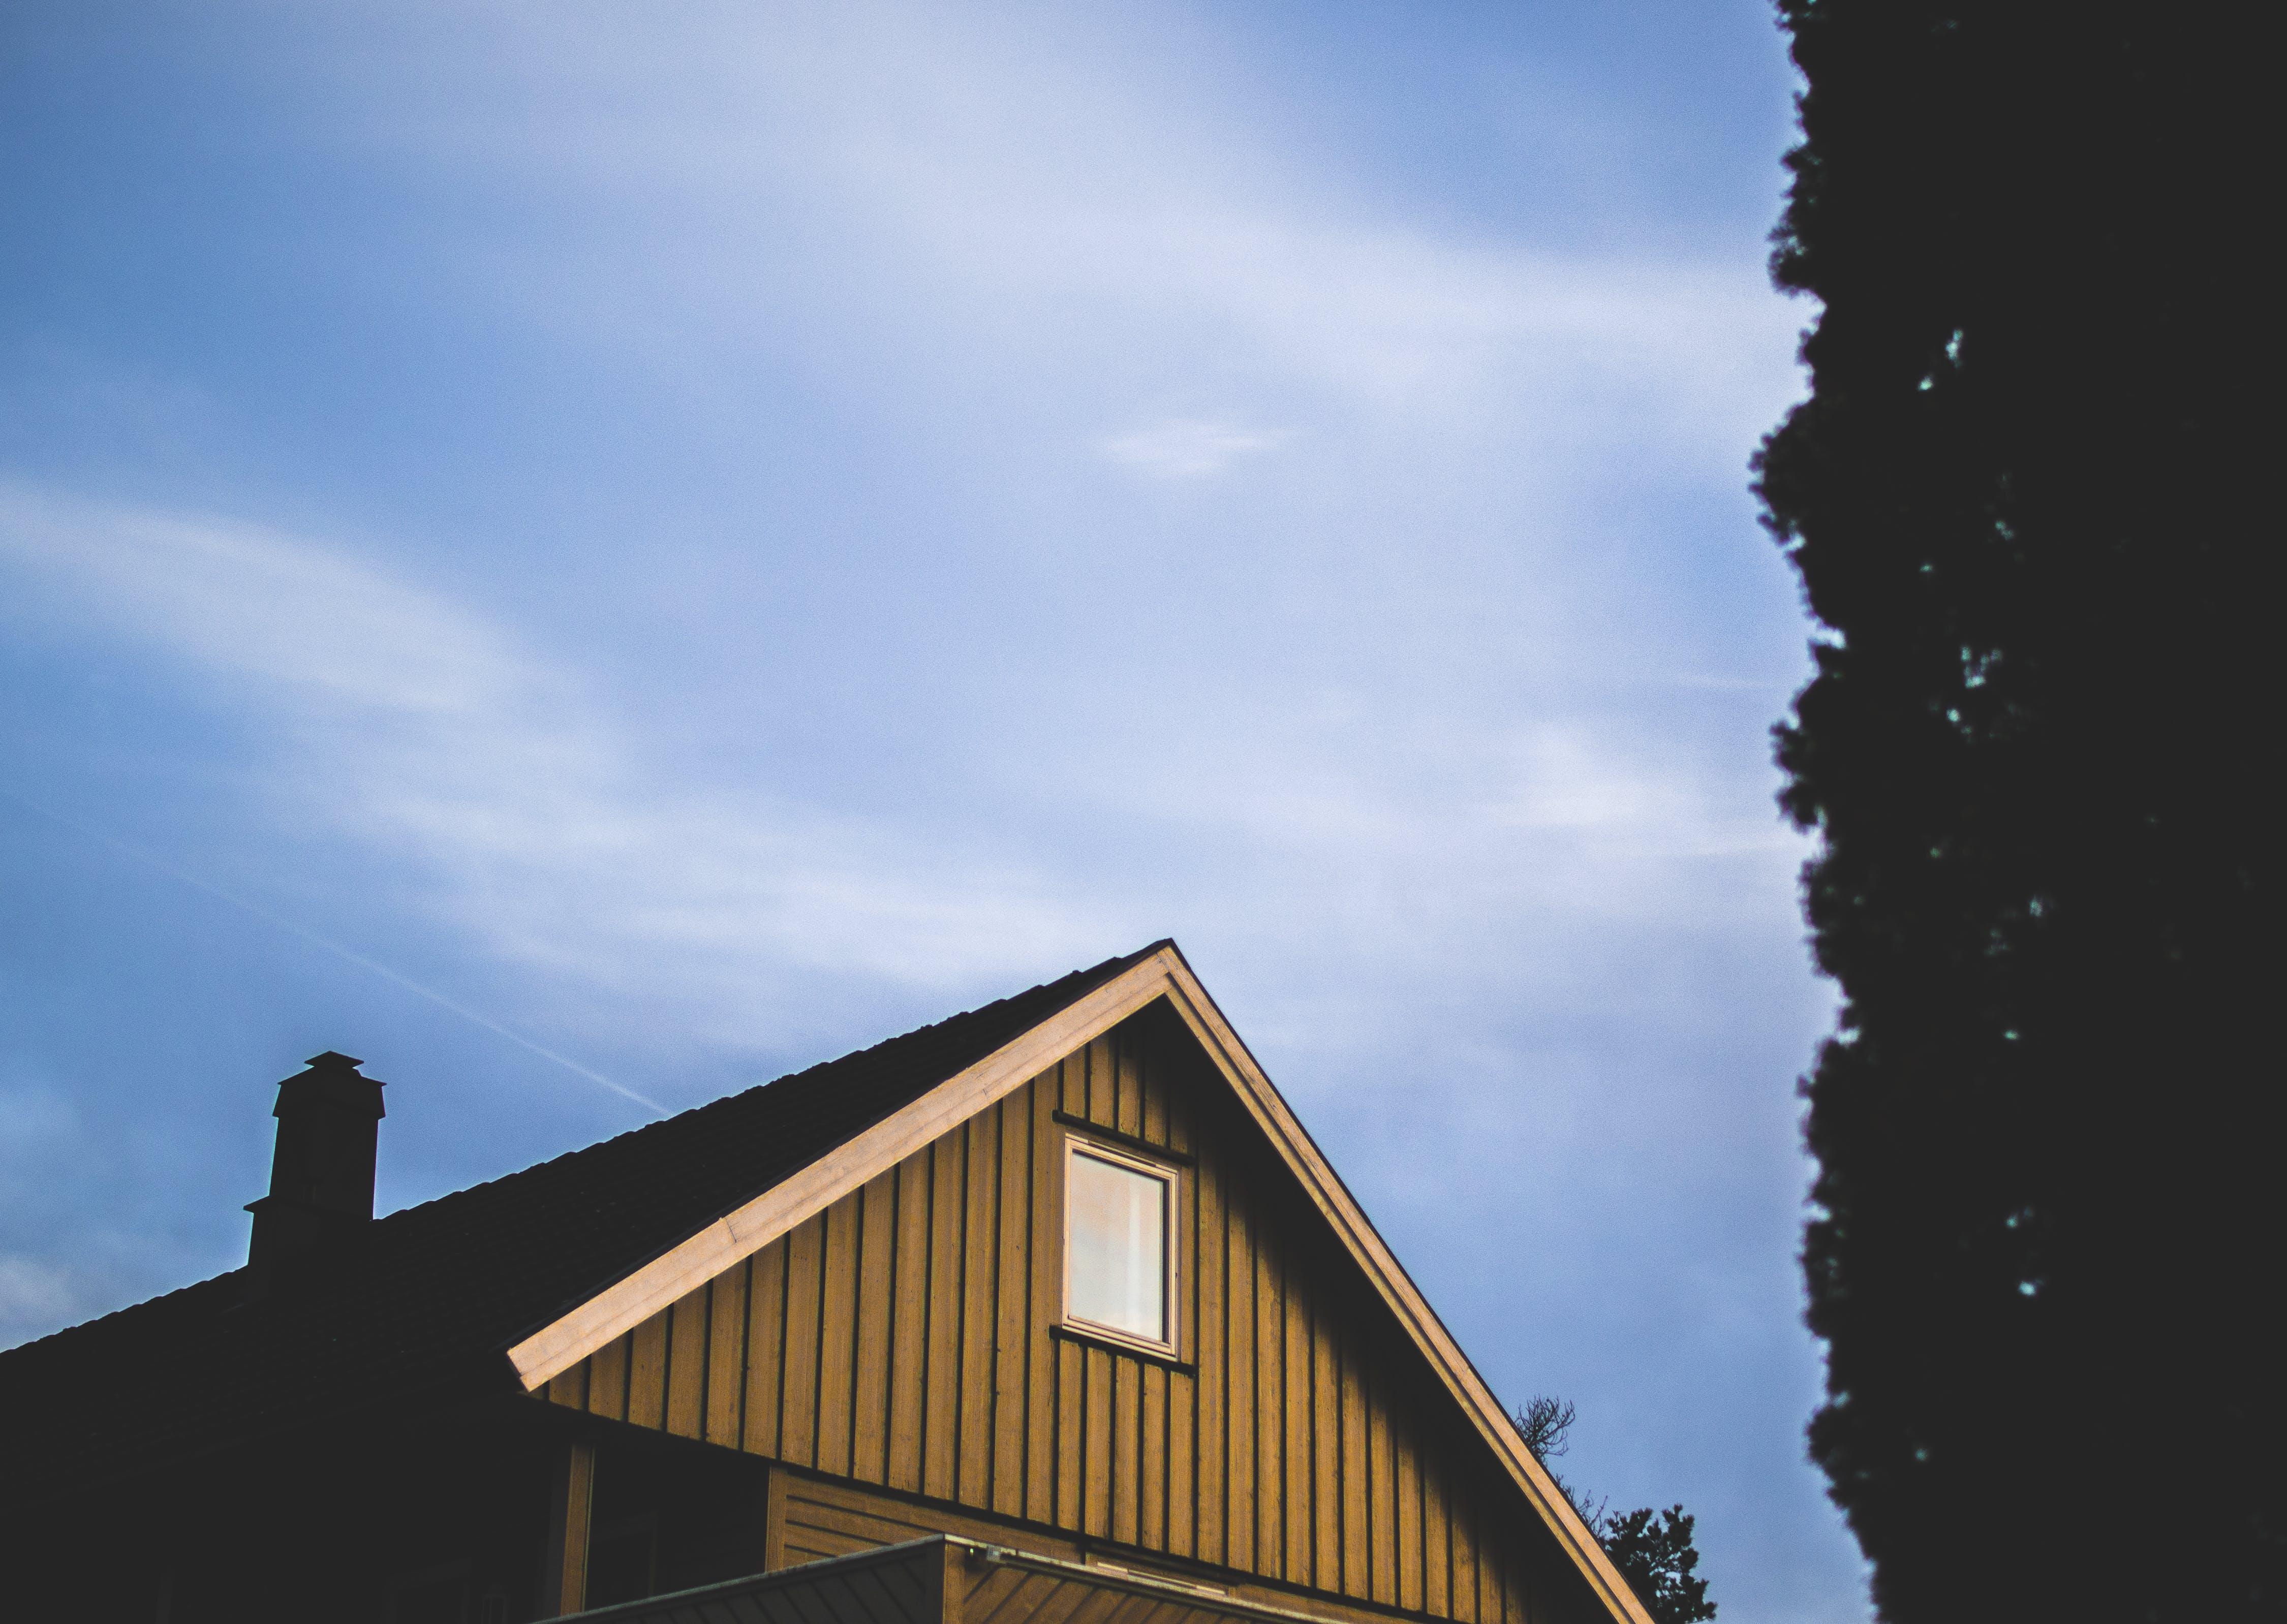 Δωρεάν στοκ φωτογραφιών με αρχιτεκτονική, γαλάζιος ουρανός, δέντρα, ξύλο